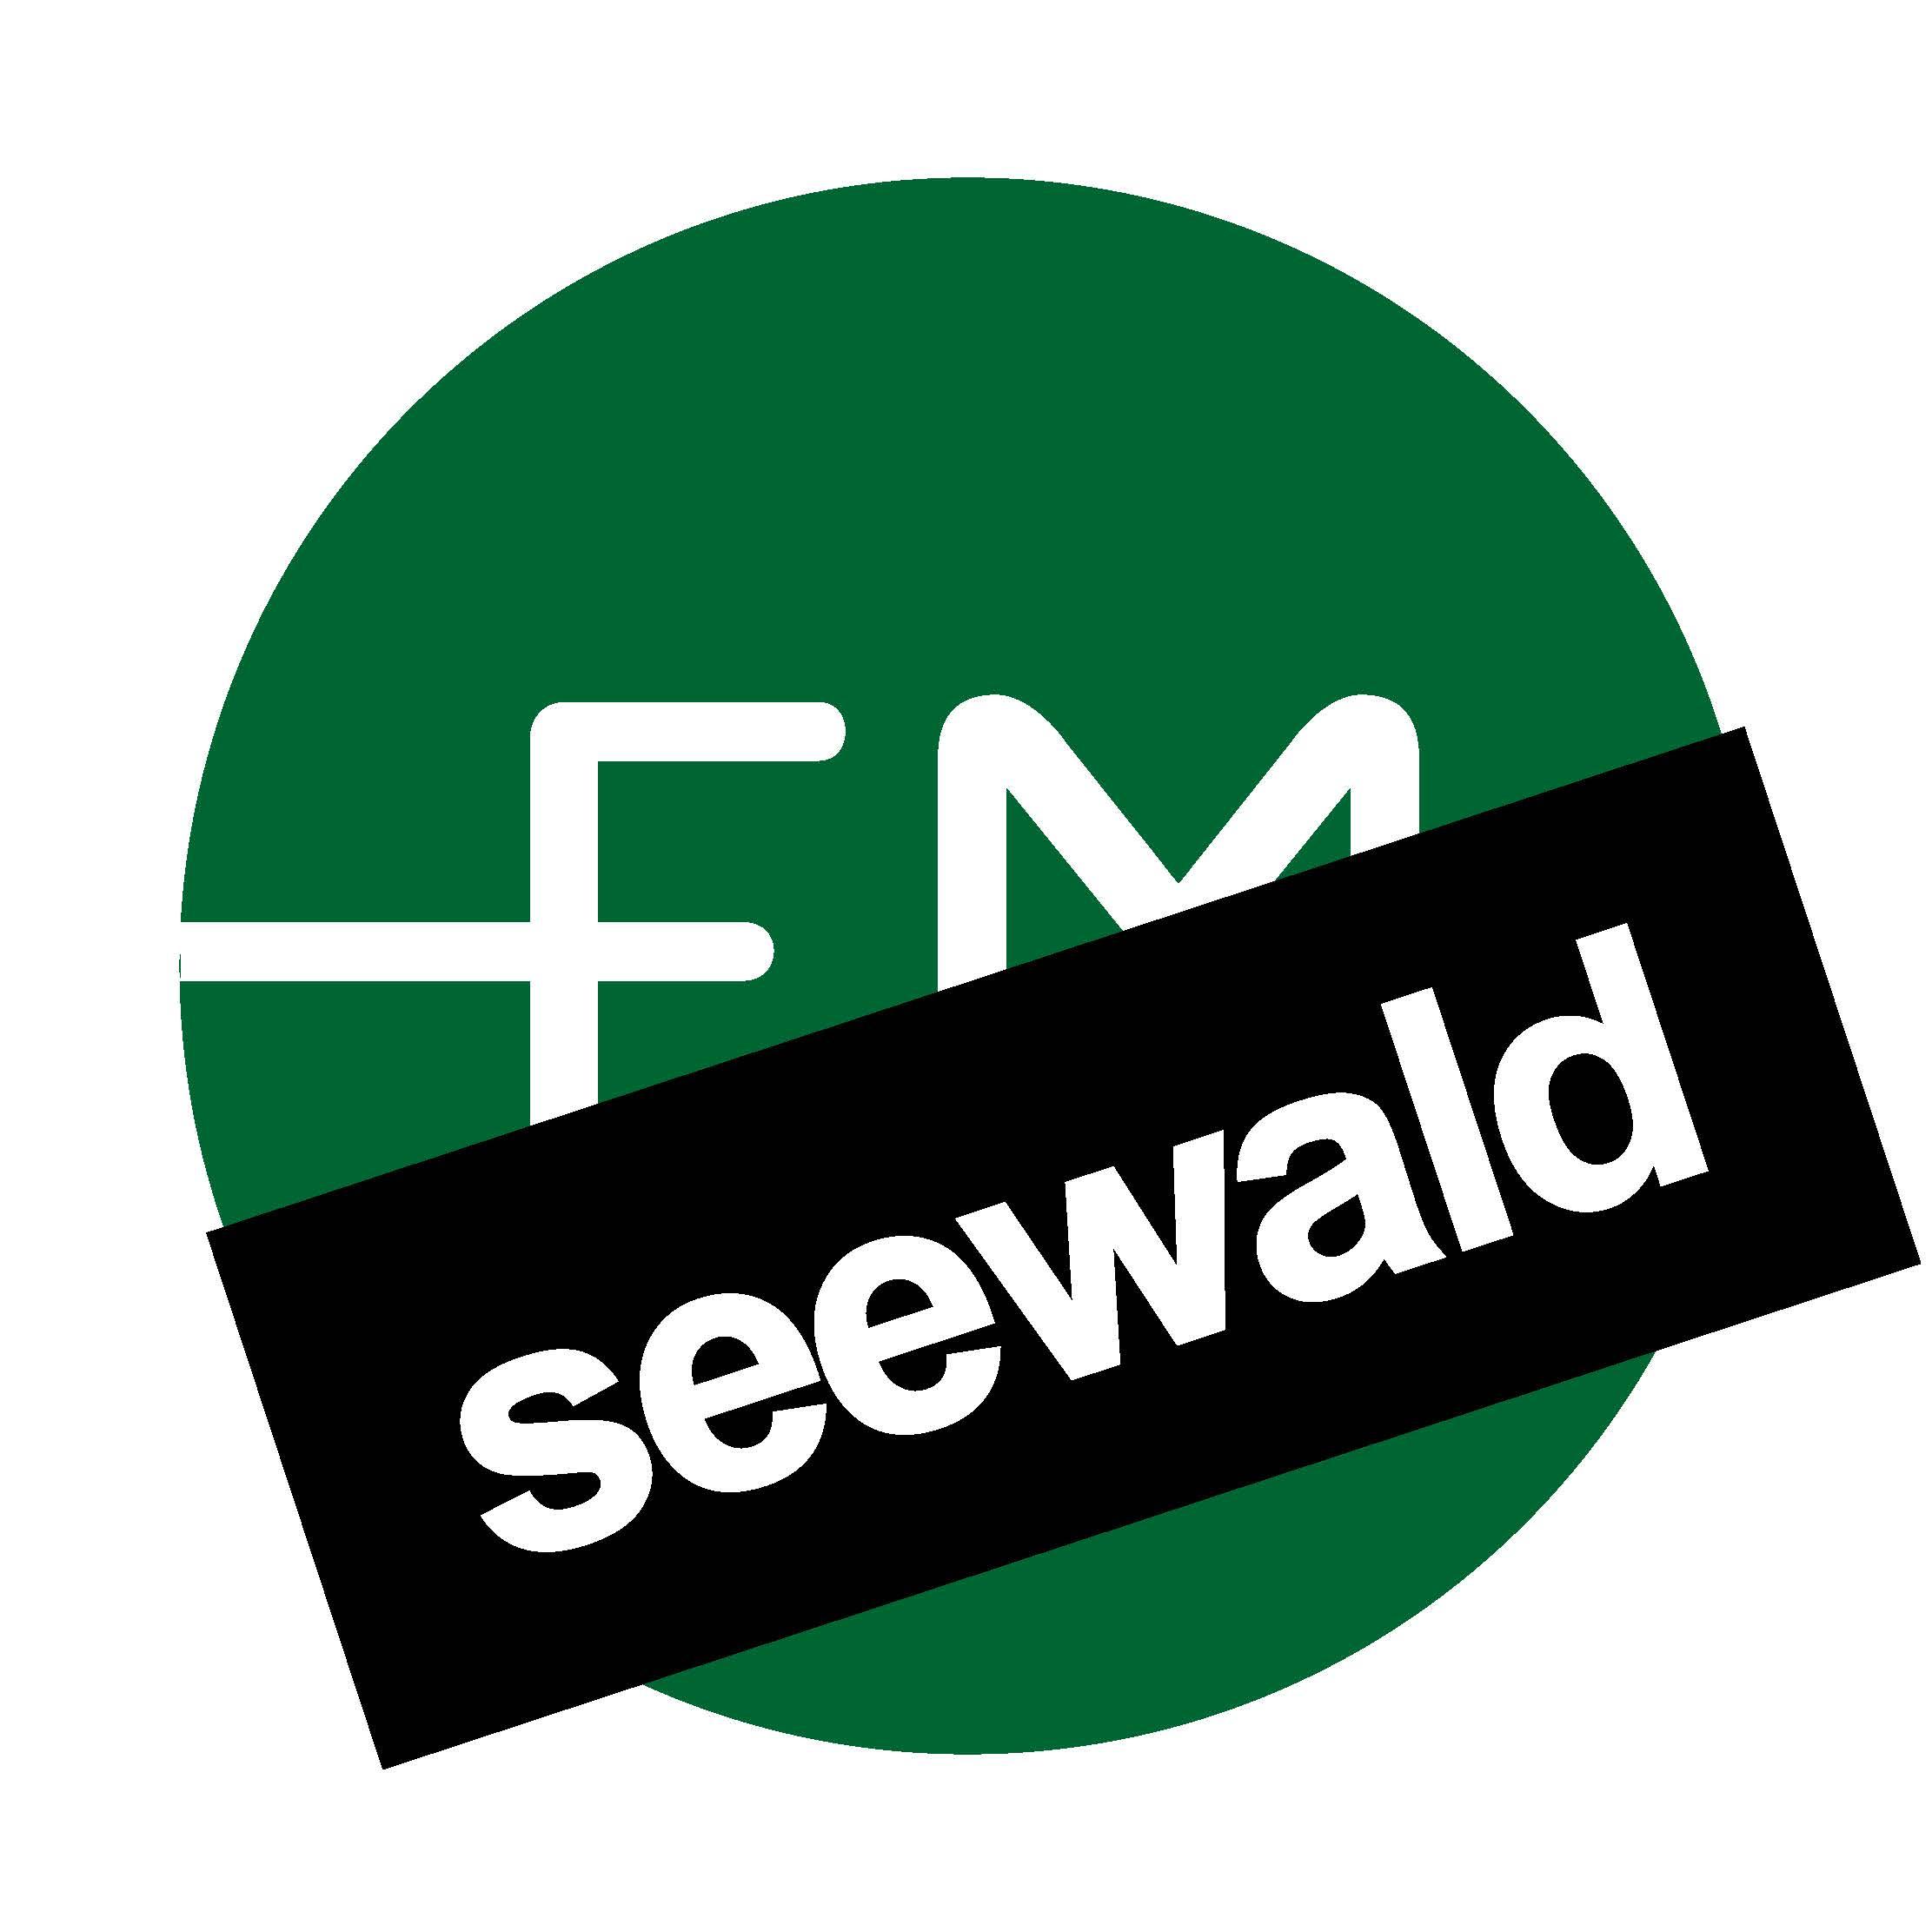 egofm-streams-seewald-fb-800x800px